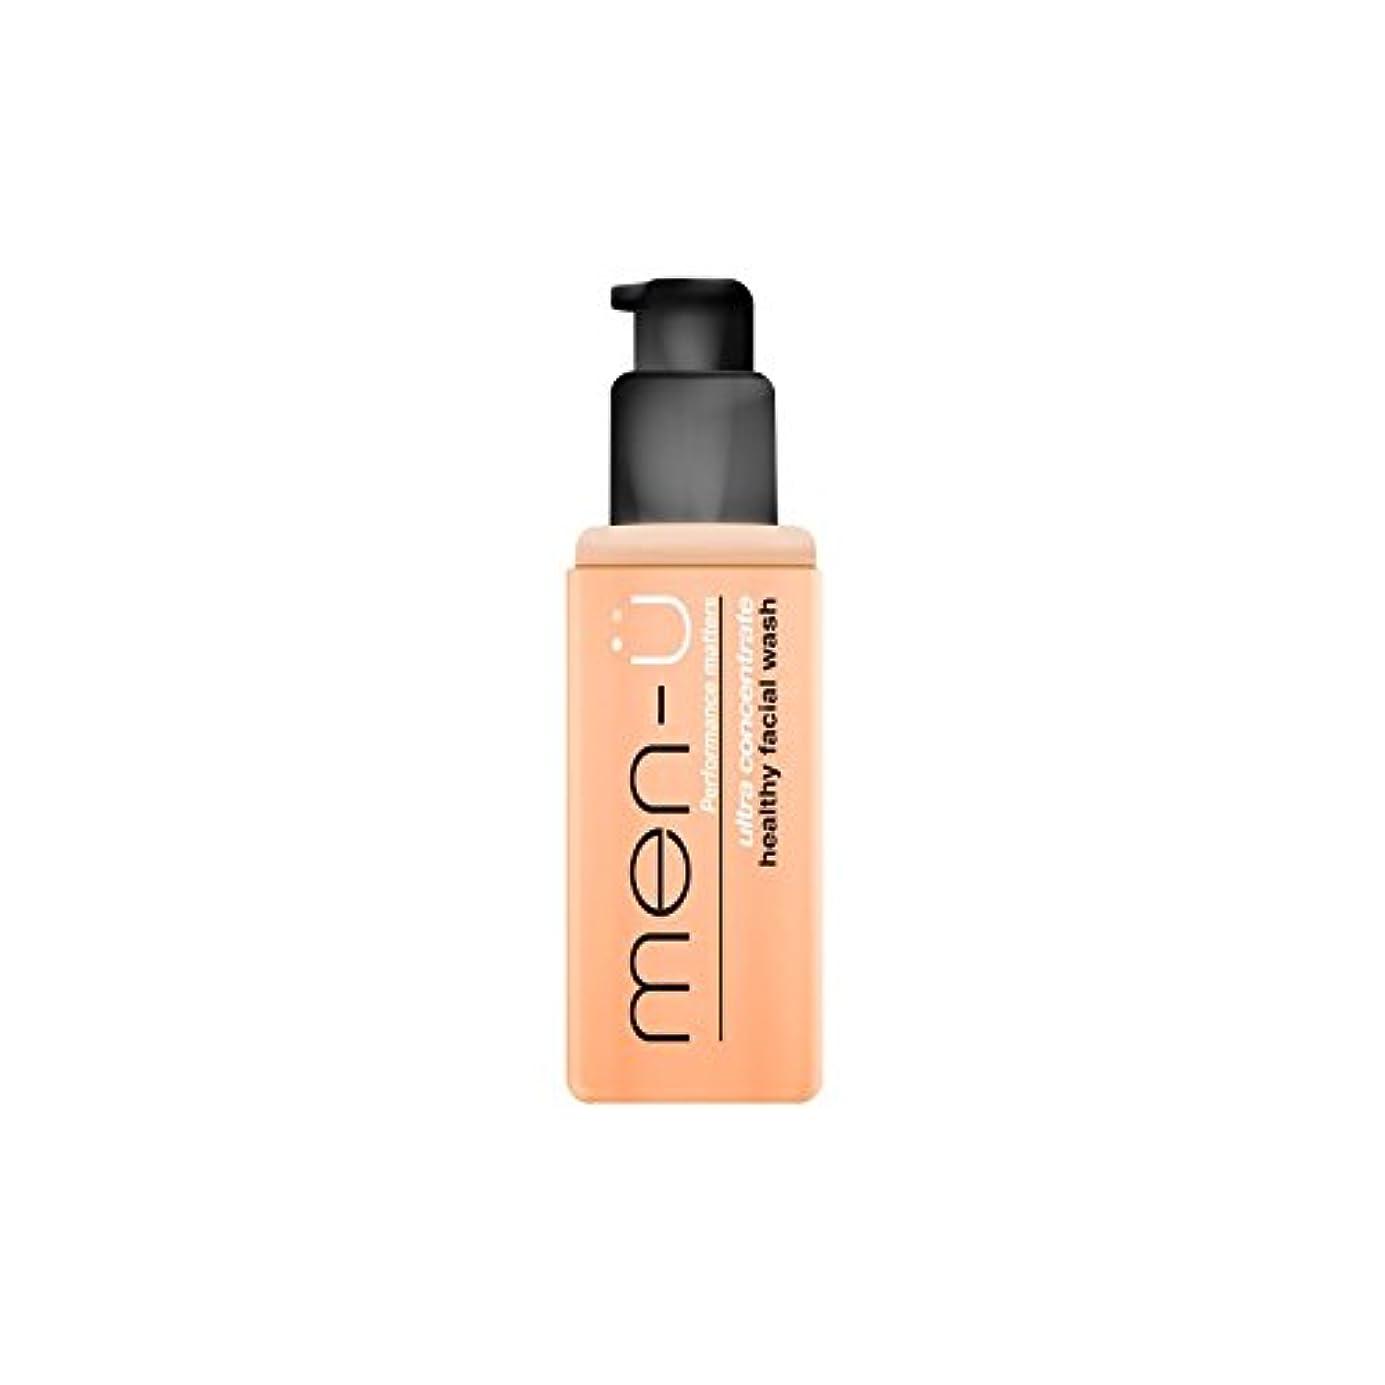 主要な煙突散らす男性-?健康洗顔料(100ミリリットル) x4 - Men-? Healthy Facial Wash (100ml) (Pack of 4) [並行輸入品]